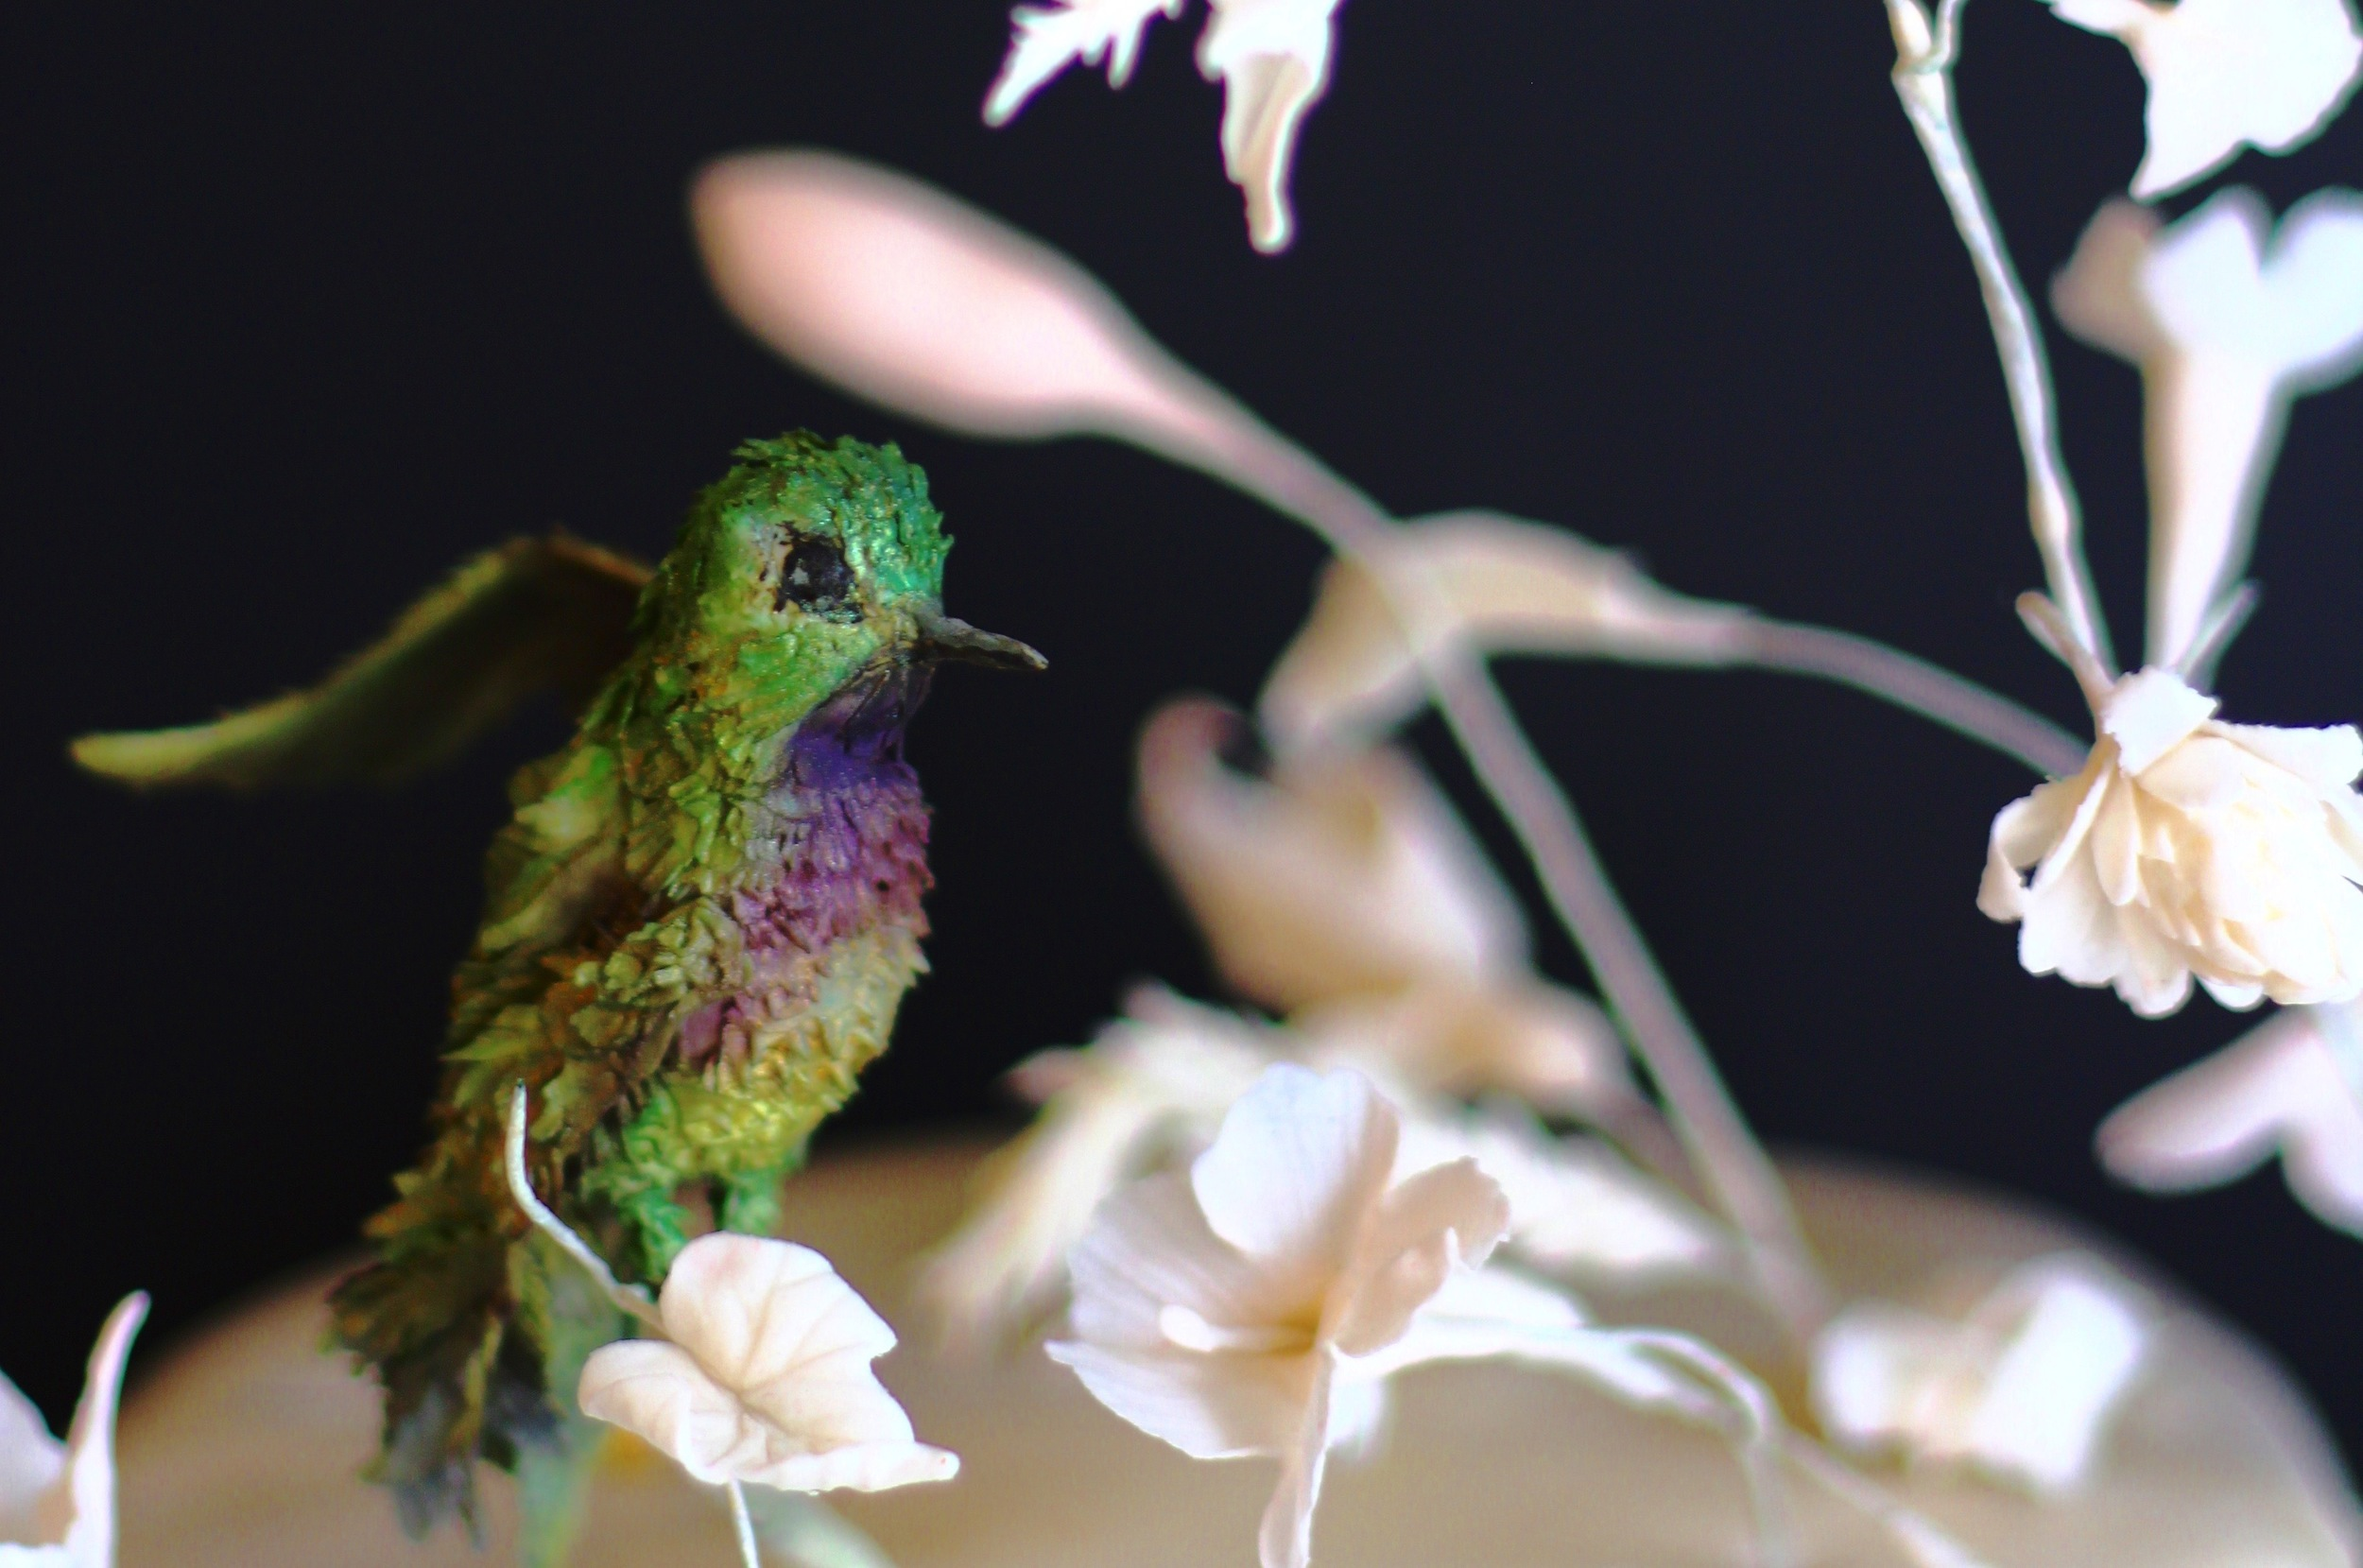 sugar humming bird by jaime gerard cake